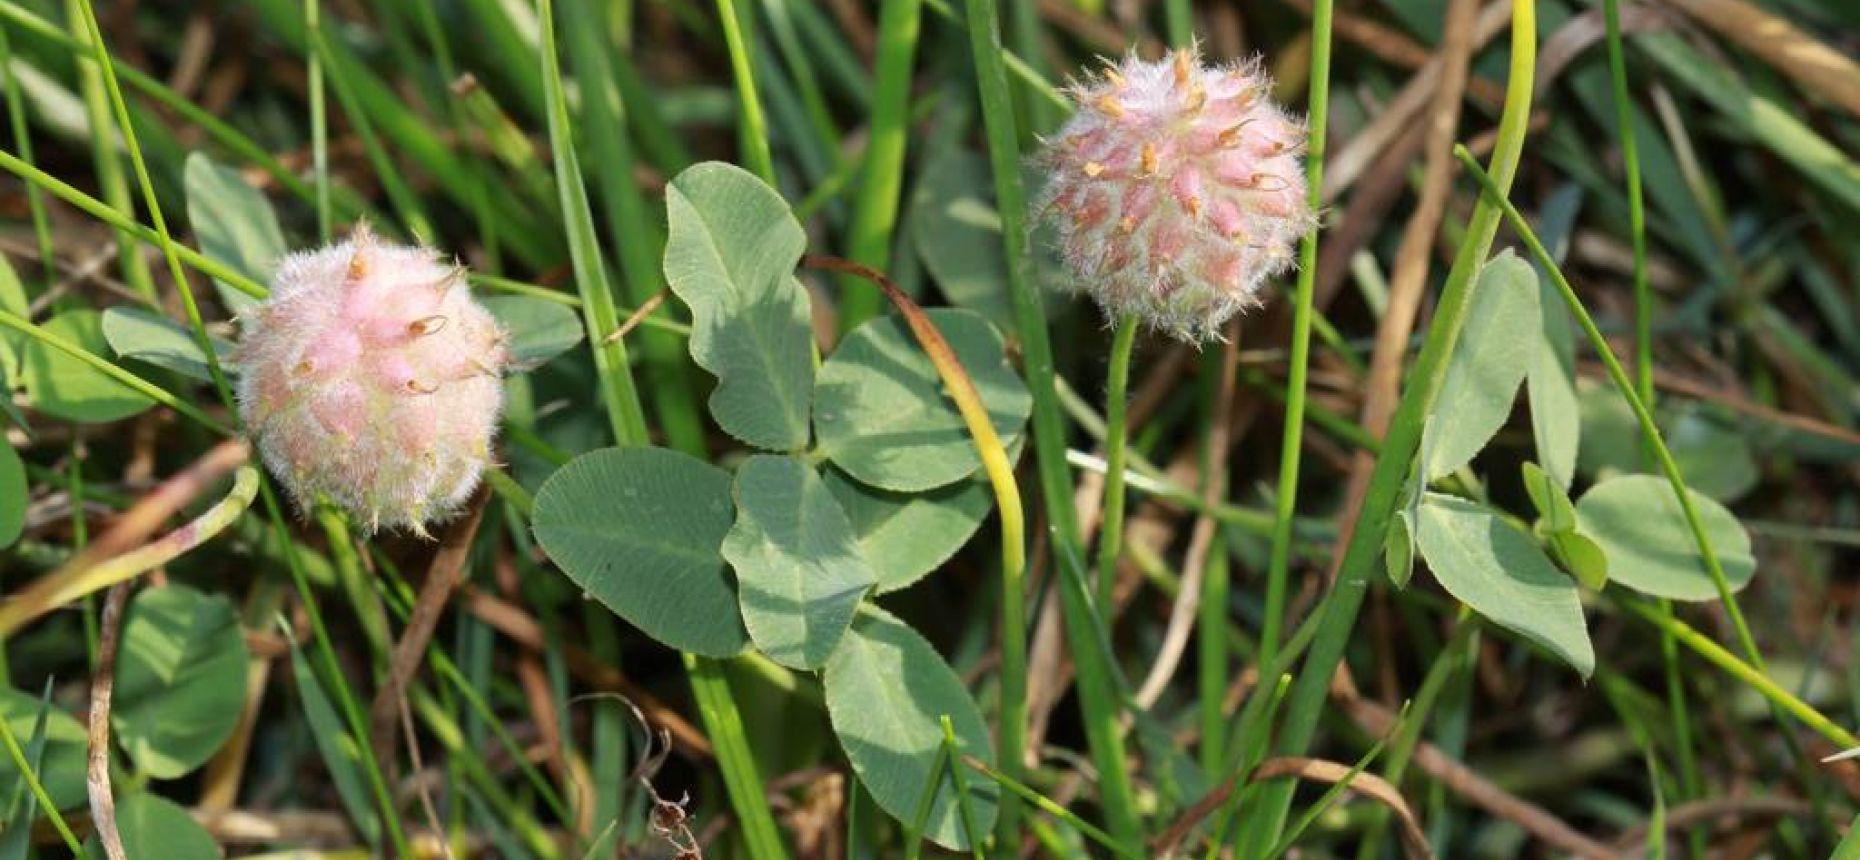 Клевер земляничный - TrifoliumfragiferumL.